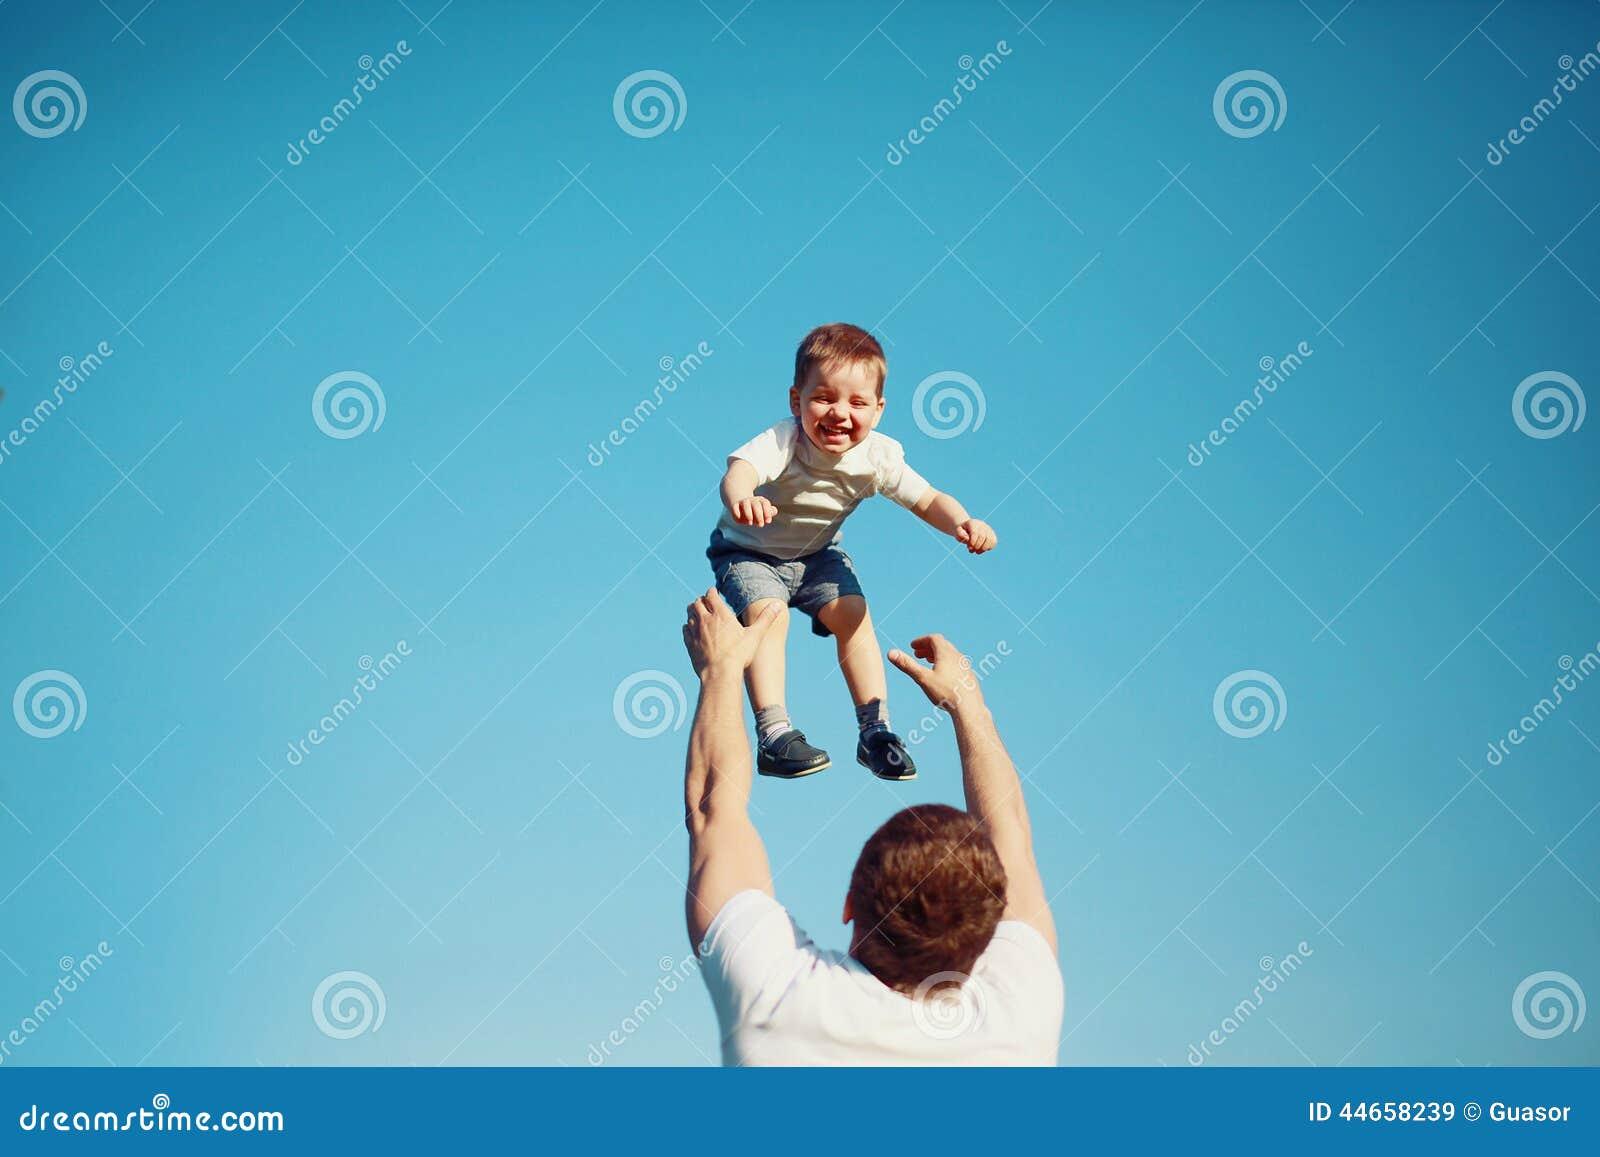 Glückliches frohes Kind, Vaterspaß wirft oben Sohn in der Luft, Sommer